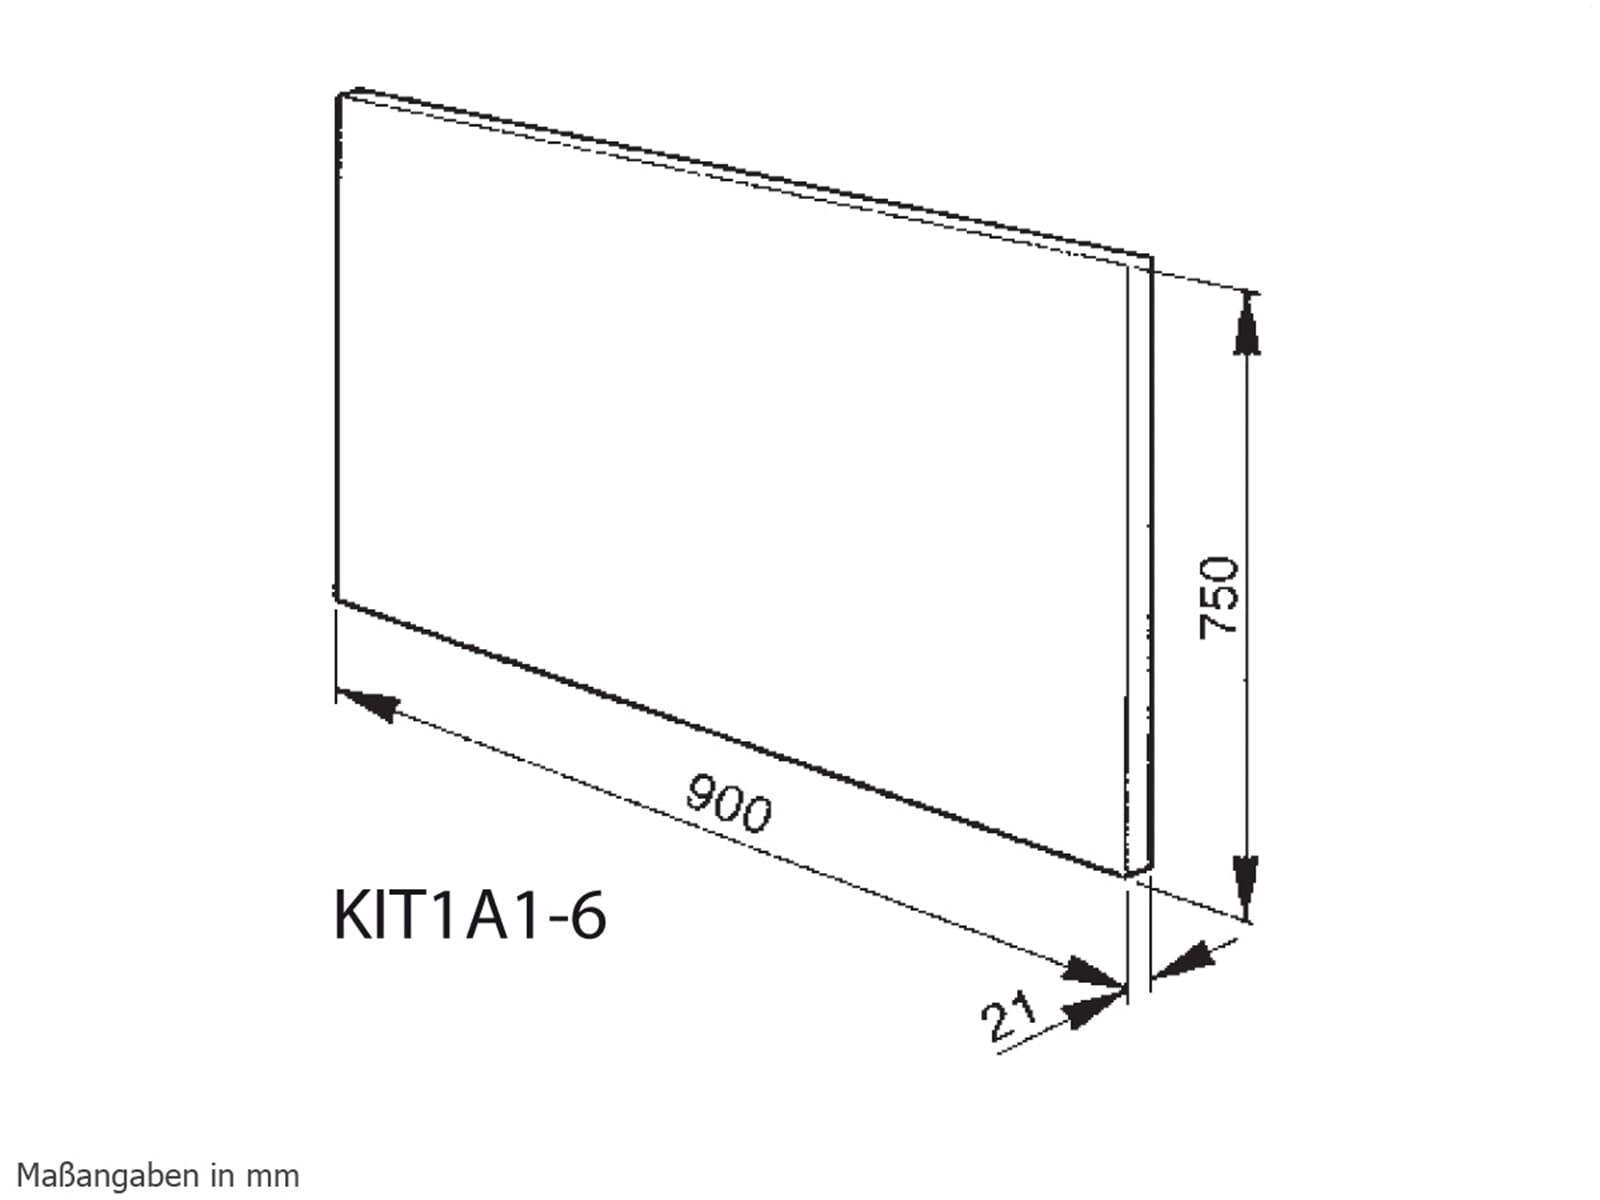 Smeg KIT1A1-6 Rückwandpaneel Edelstahl